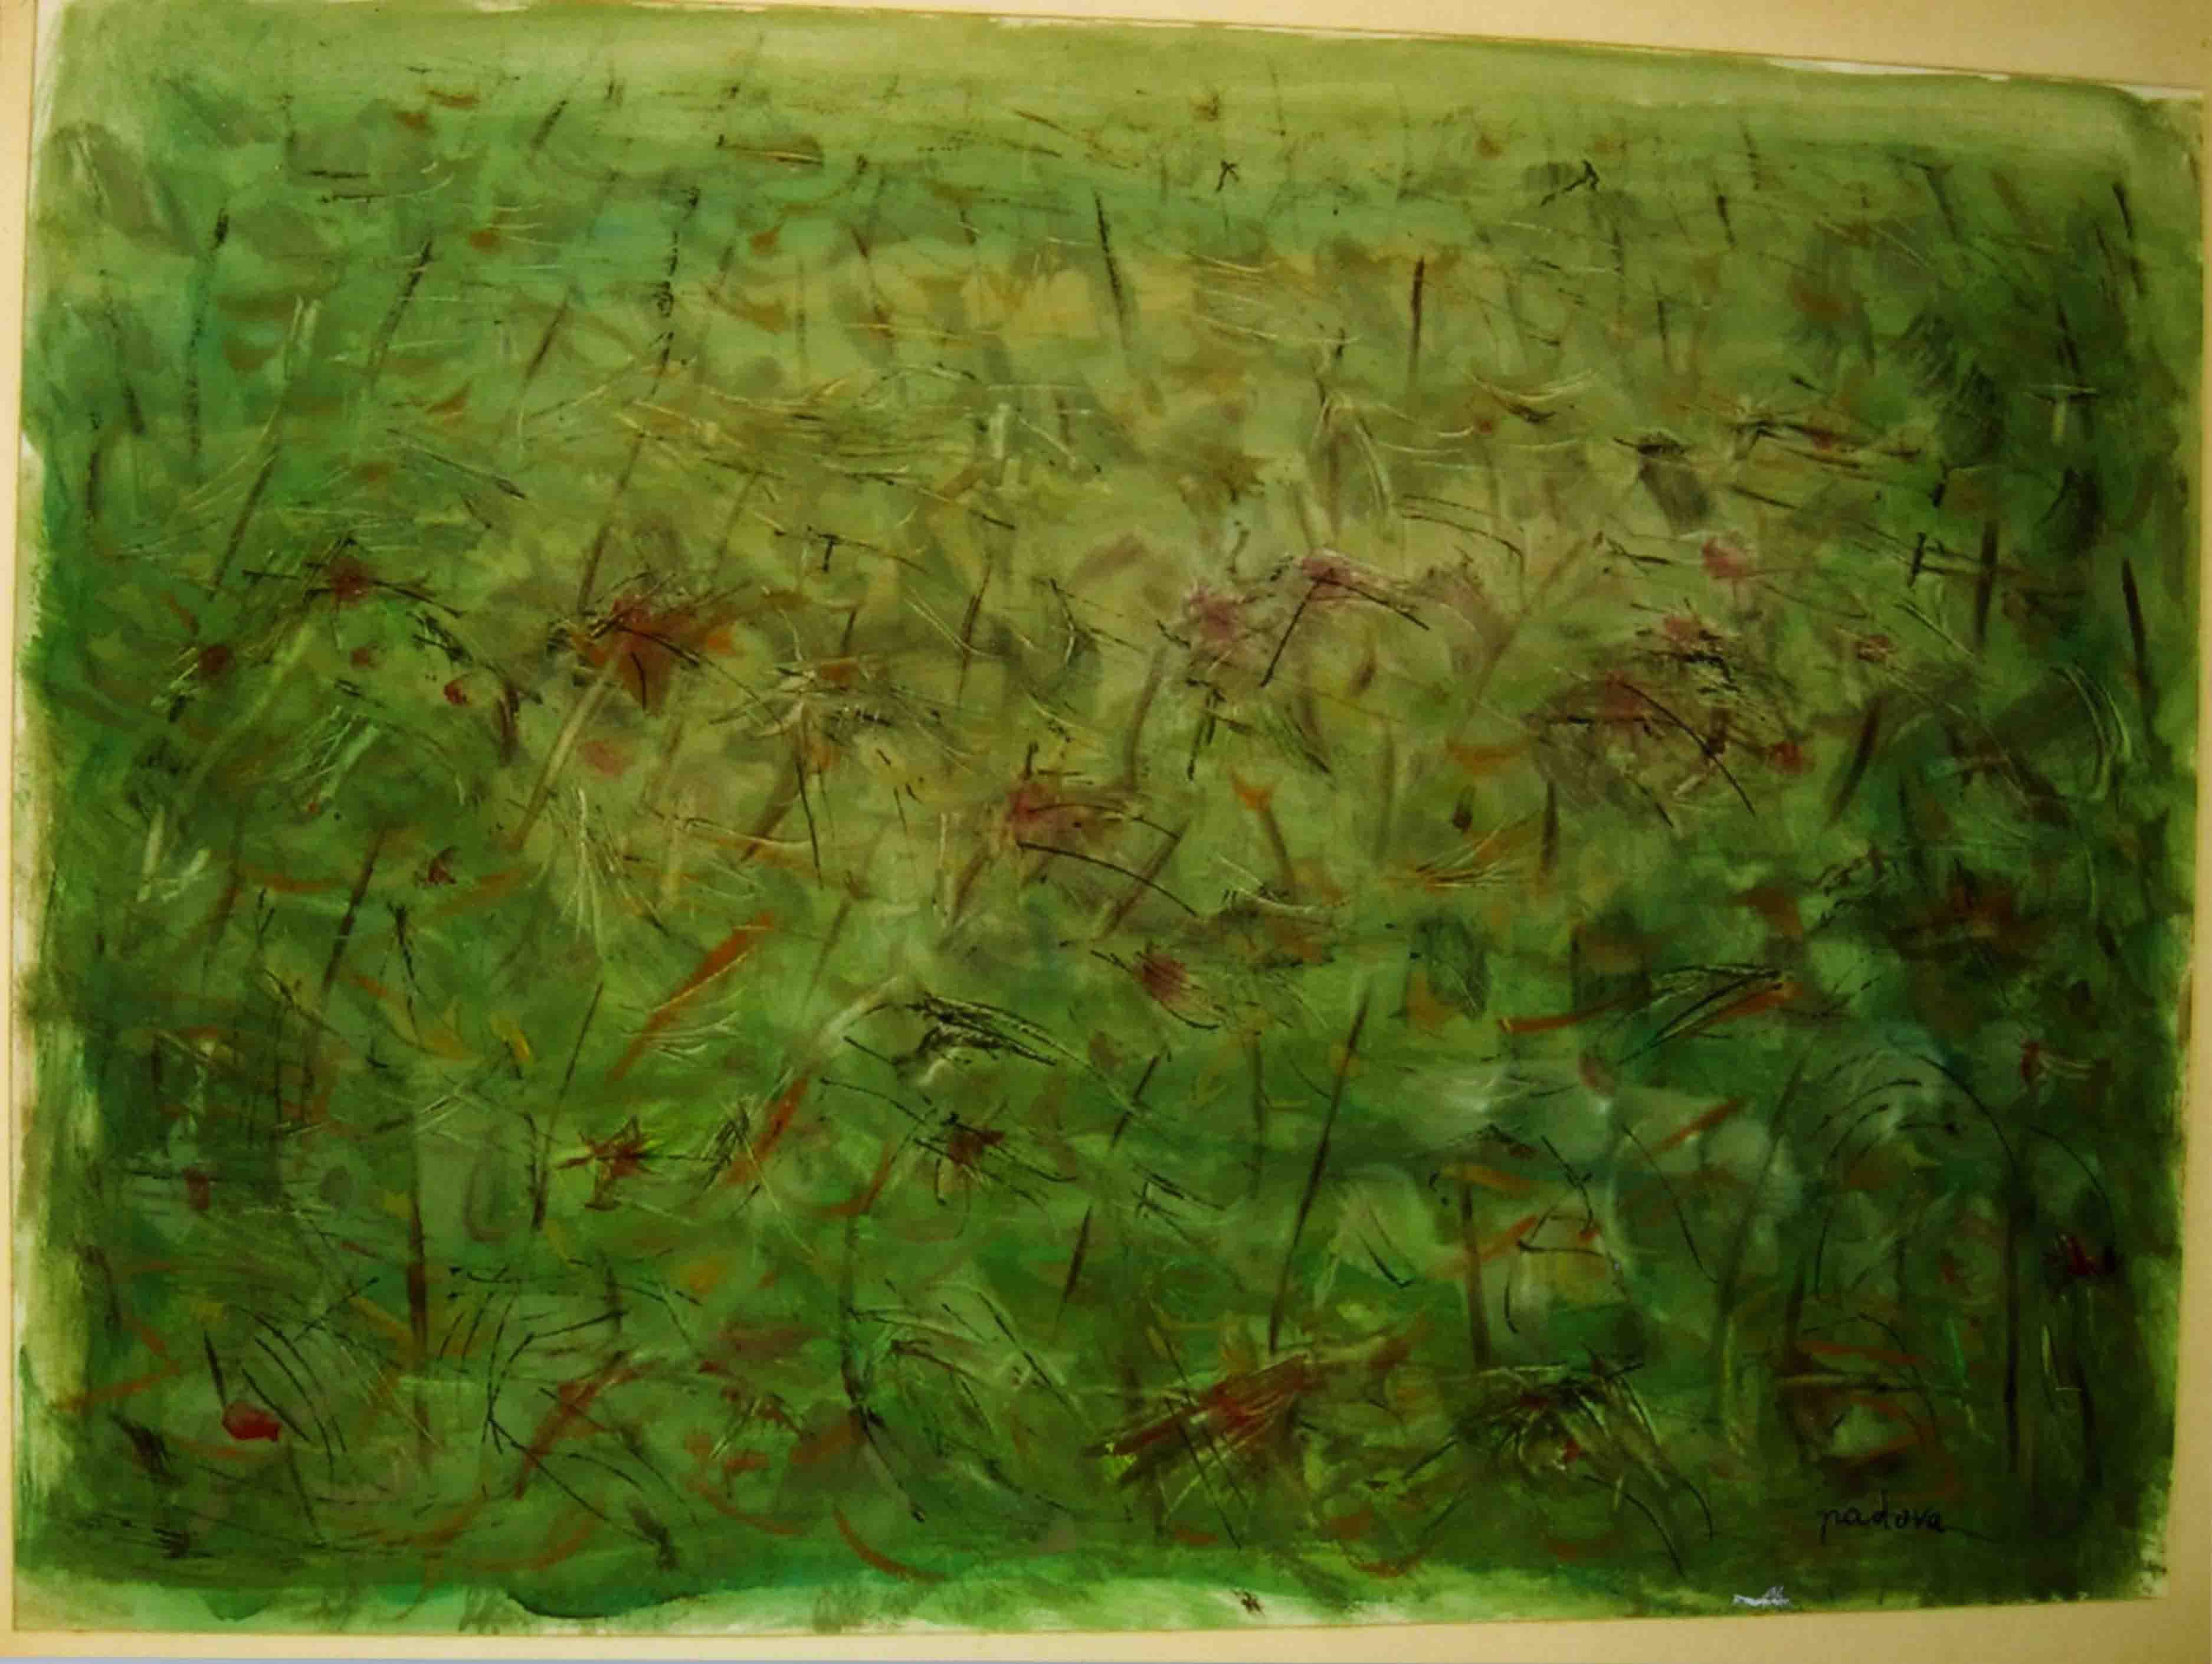 Goliardo Padova (1909-1979), Campo di pomodori durante la siccità, tempera su carta, 1957 (Collezione privata)